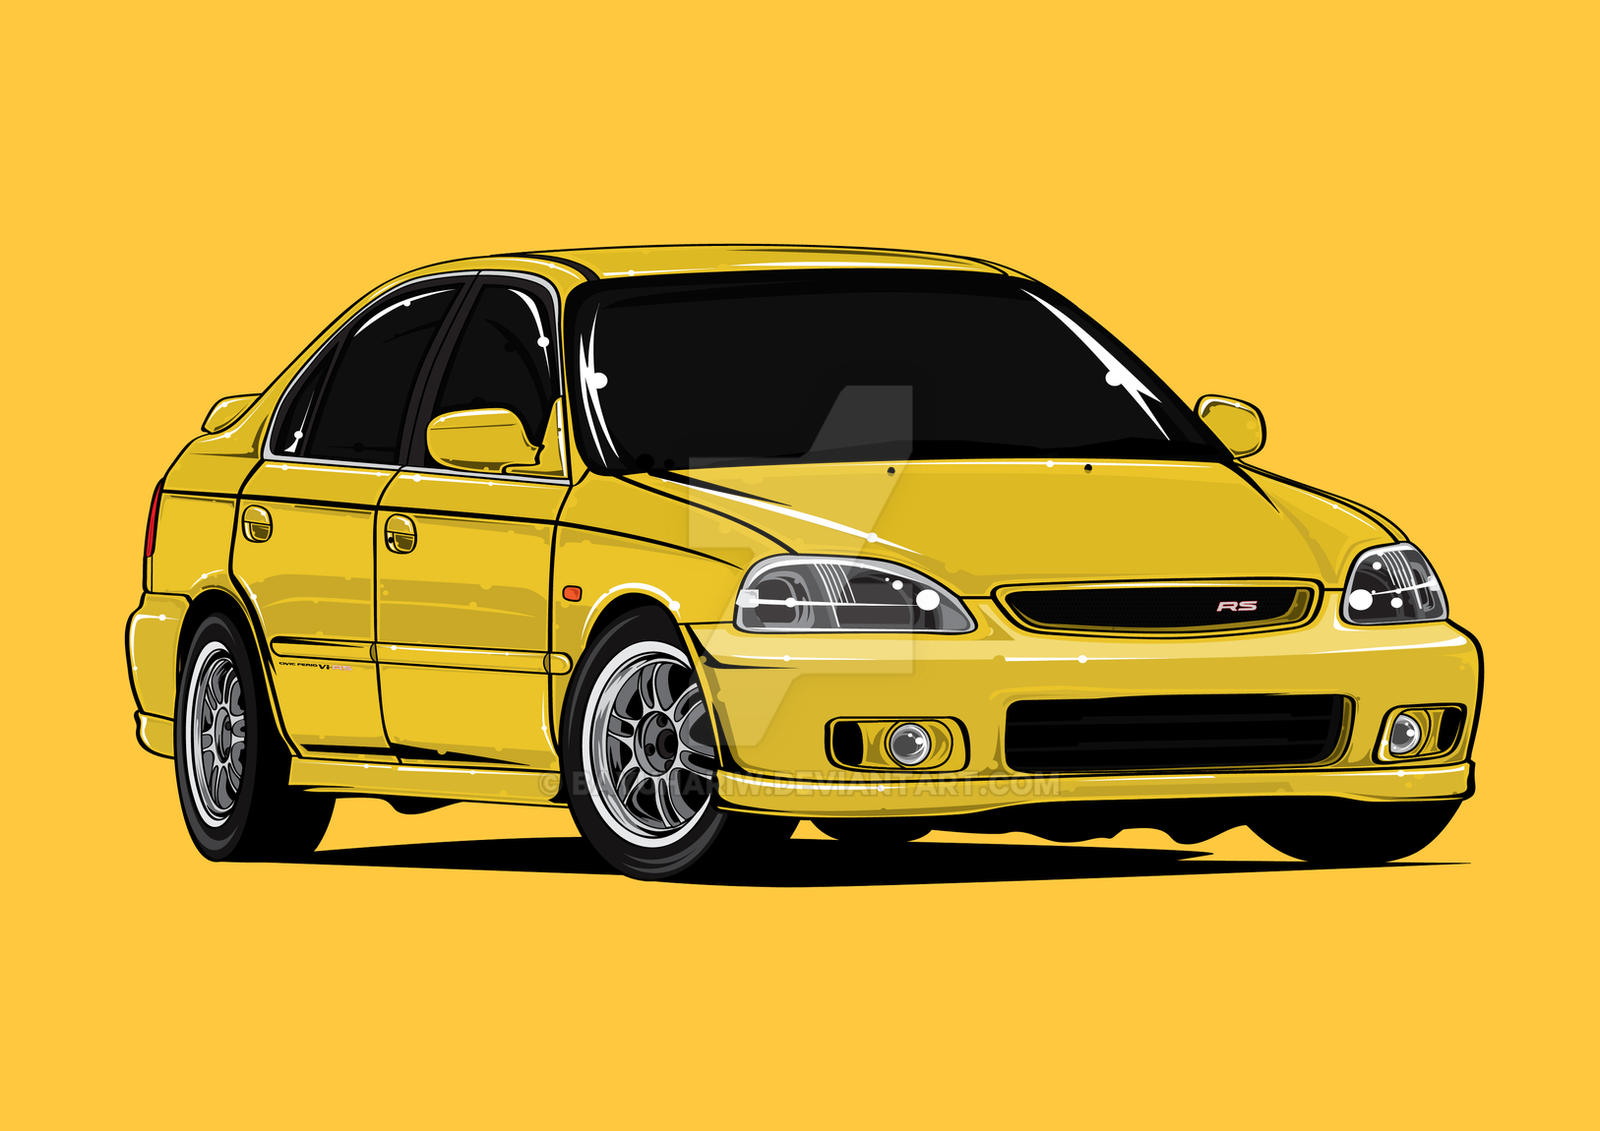 Honda Civic Ek Sedan Www Pixshark Com Images Galleries